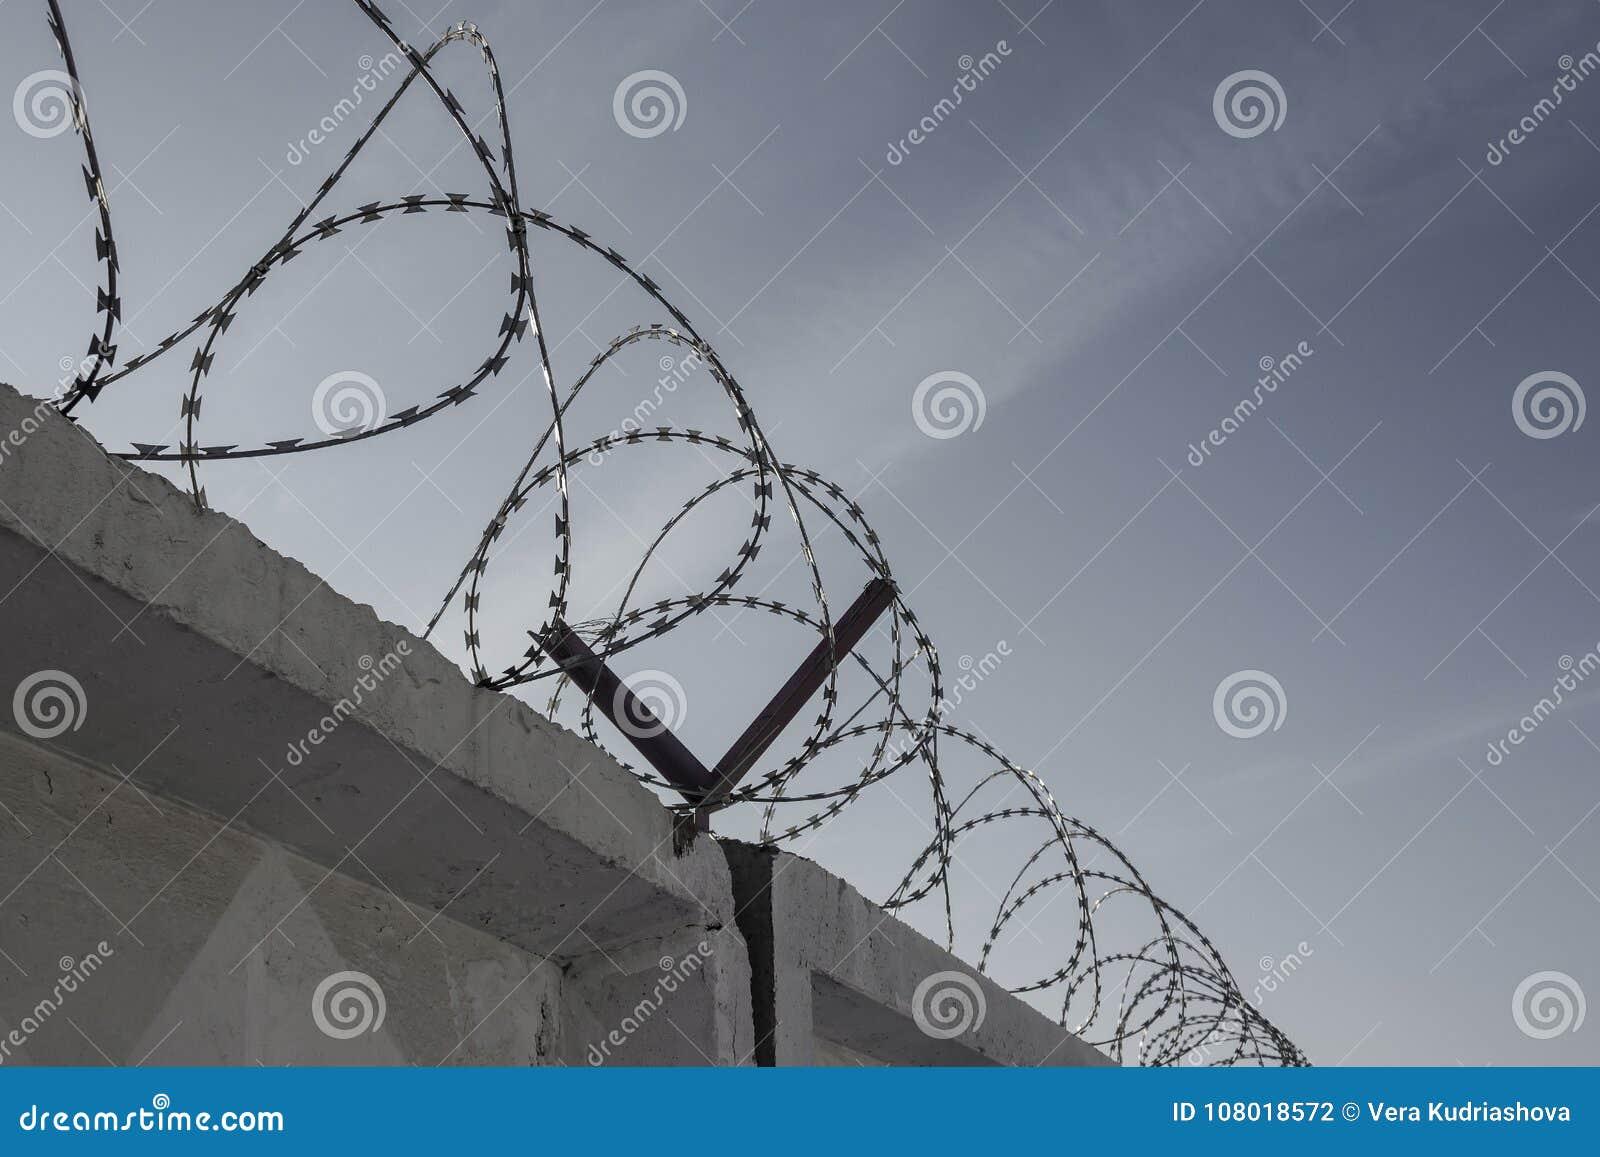 Restriction Of Freedom, Bondage. Stock Photo - Image of fencing ...